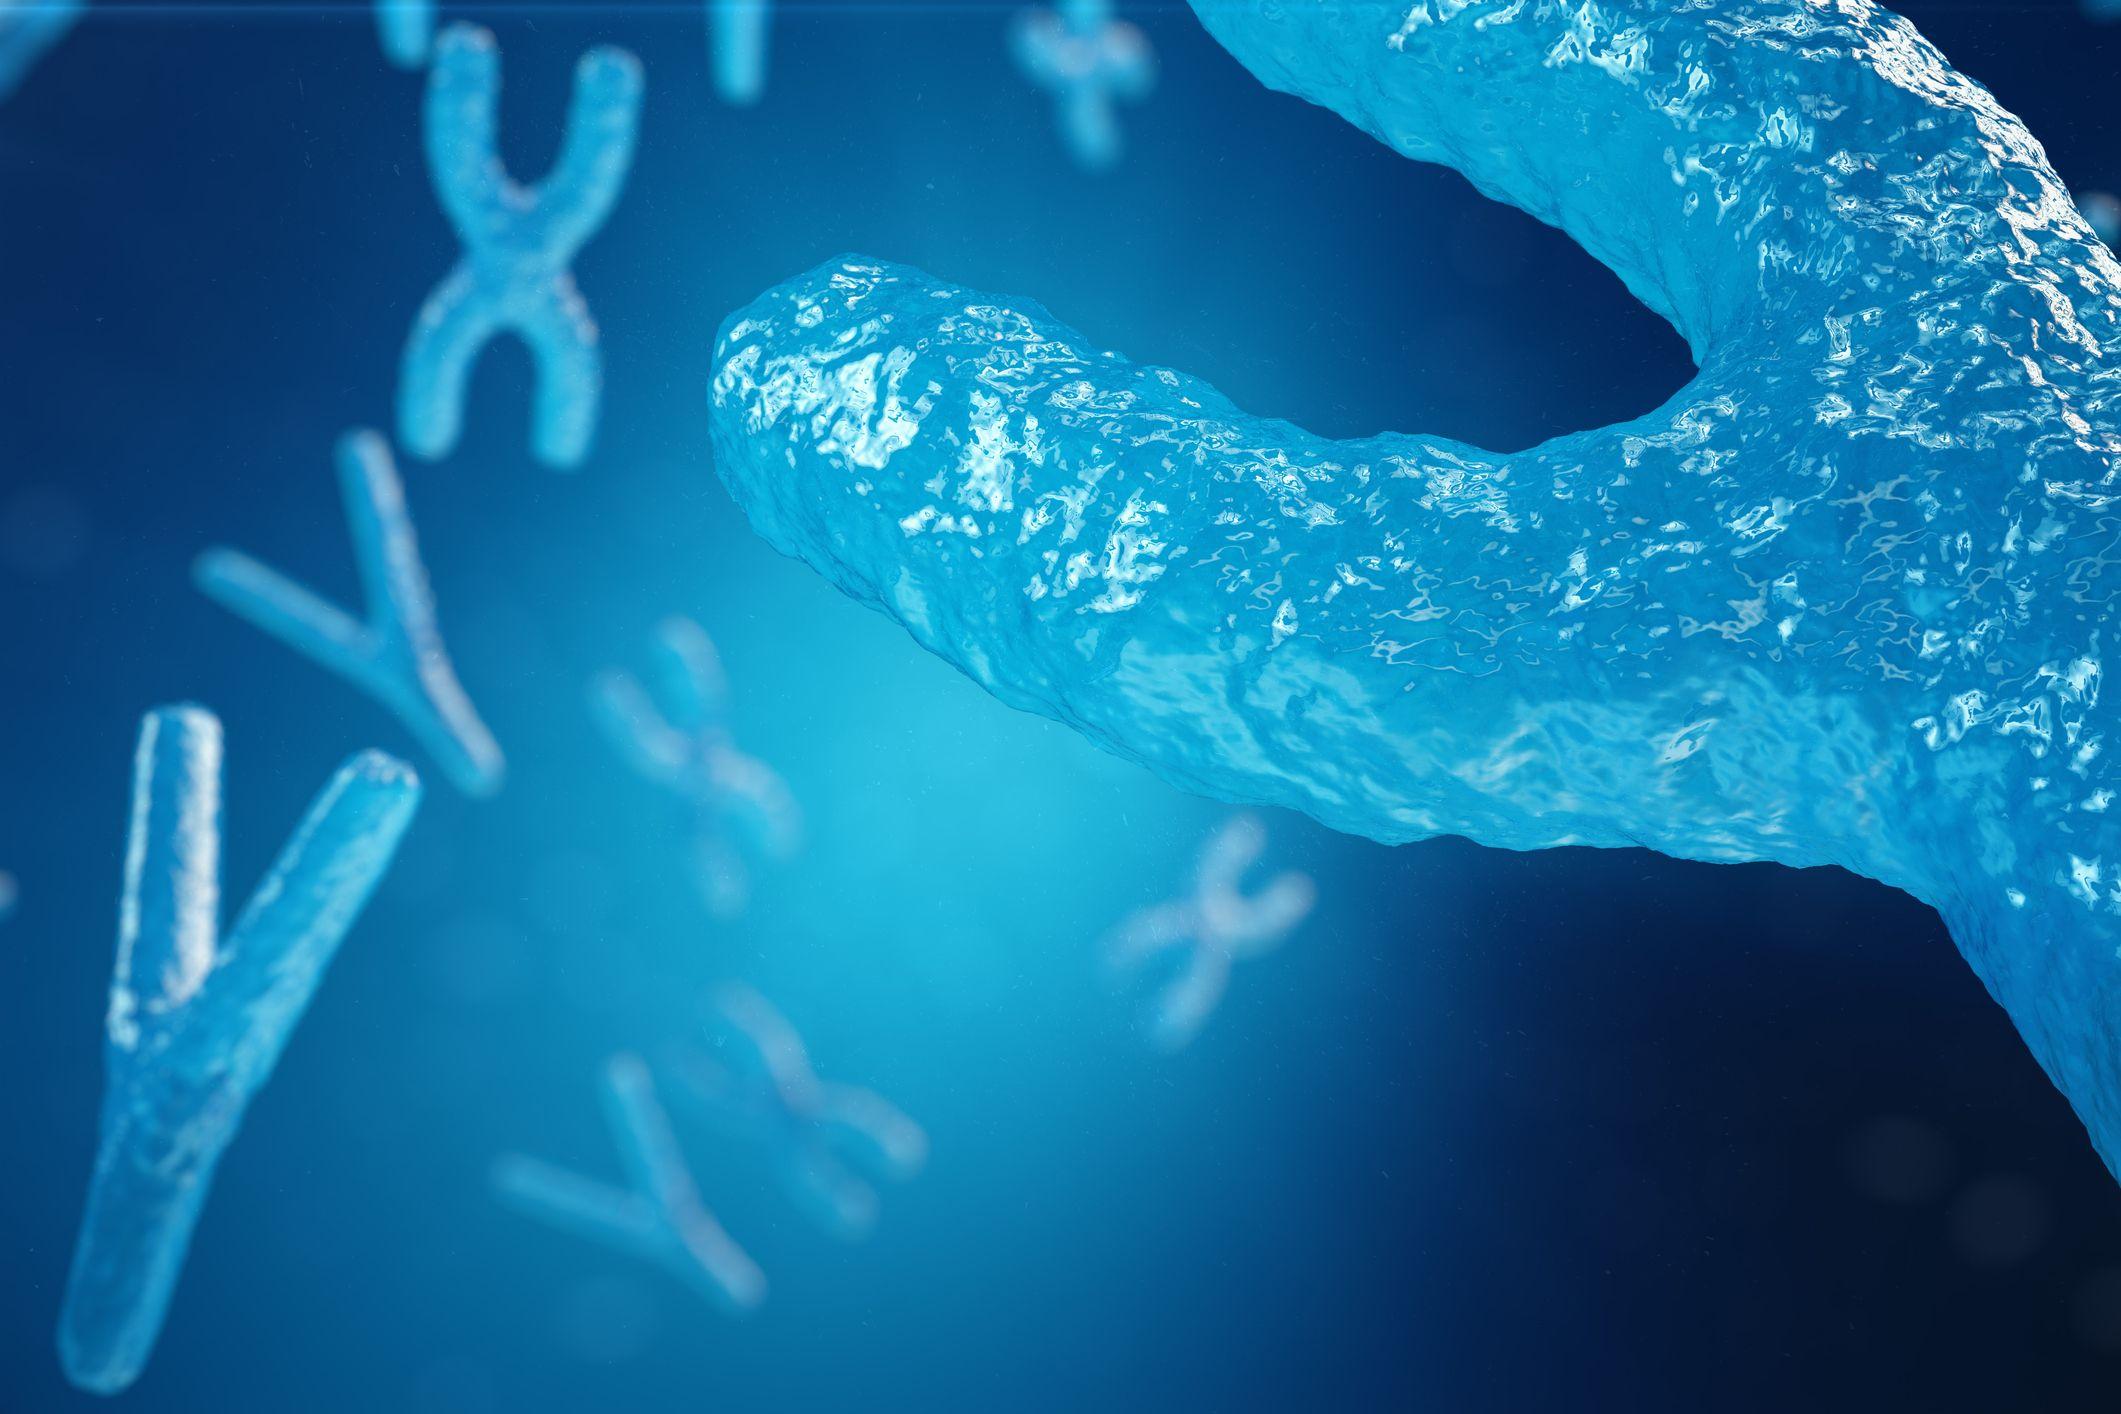 5_31_XY chromosomes